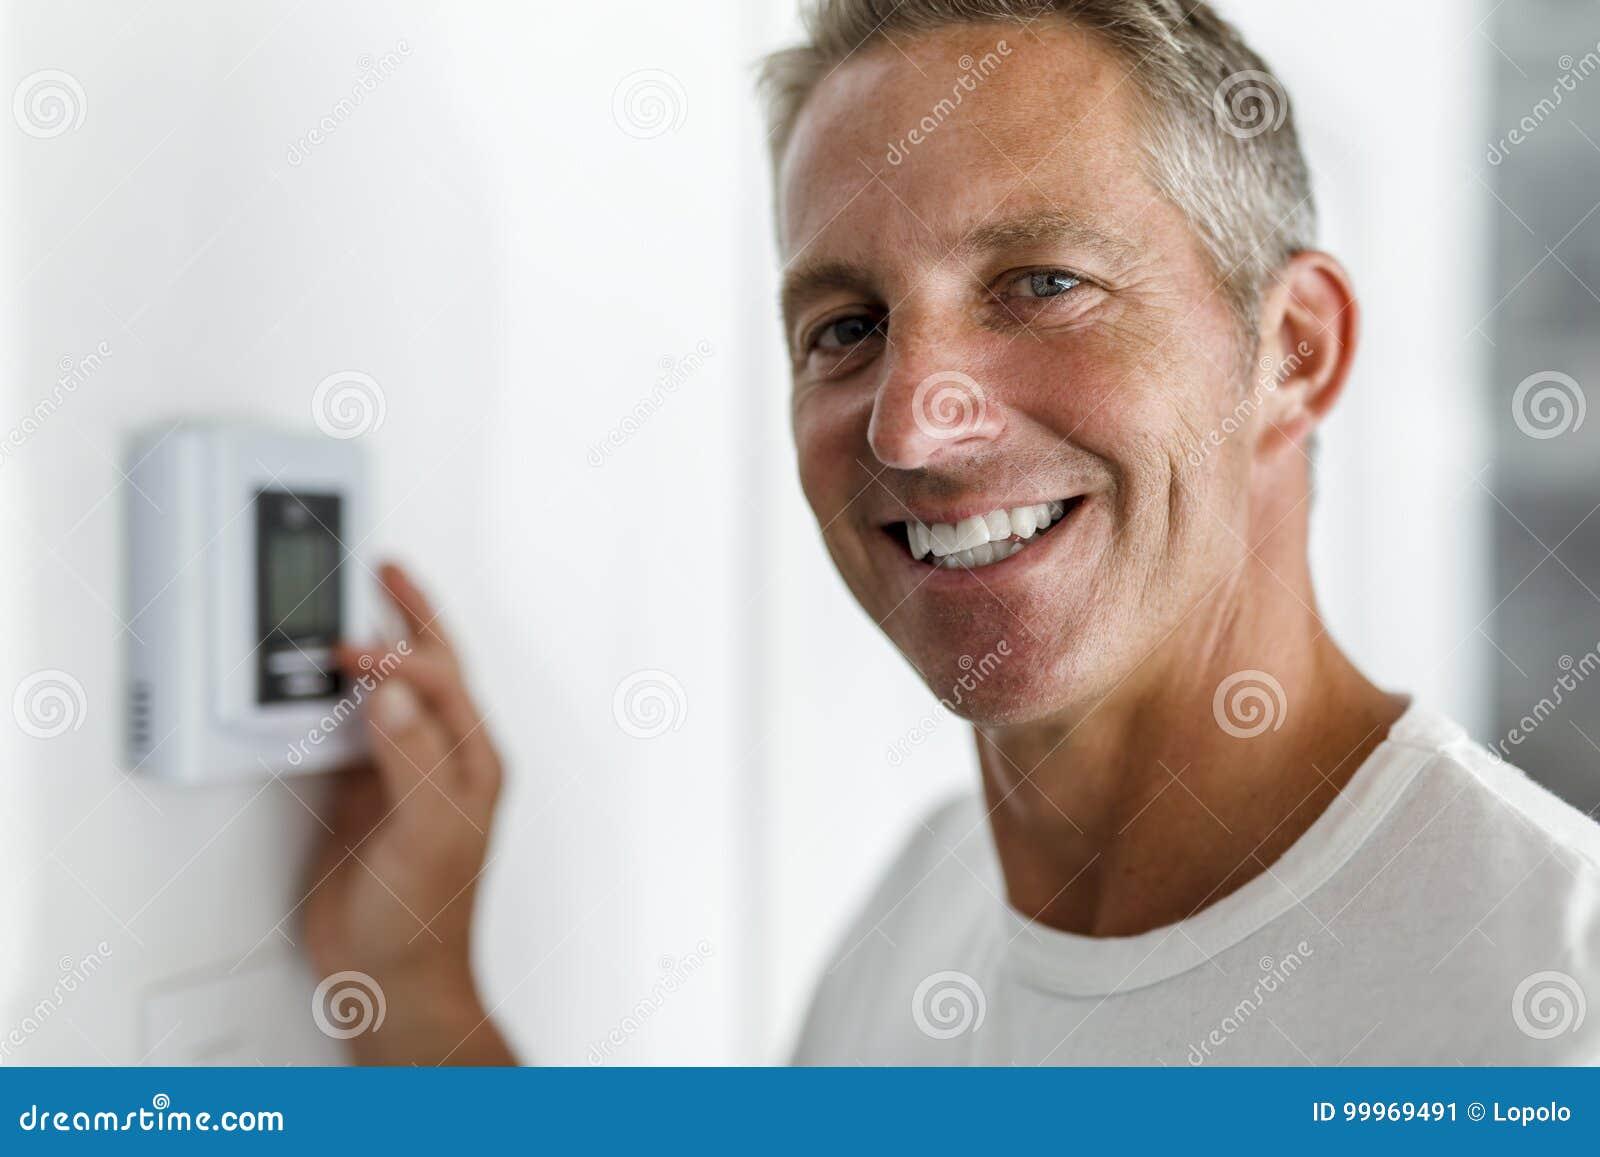 Uomo sorridente che regola termostato sul sistema del riscaldamento domestico